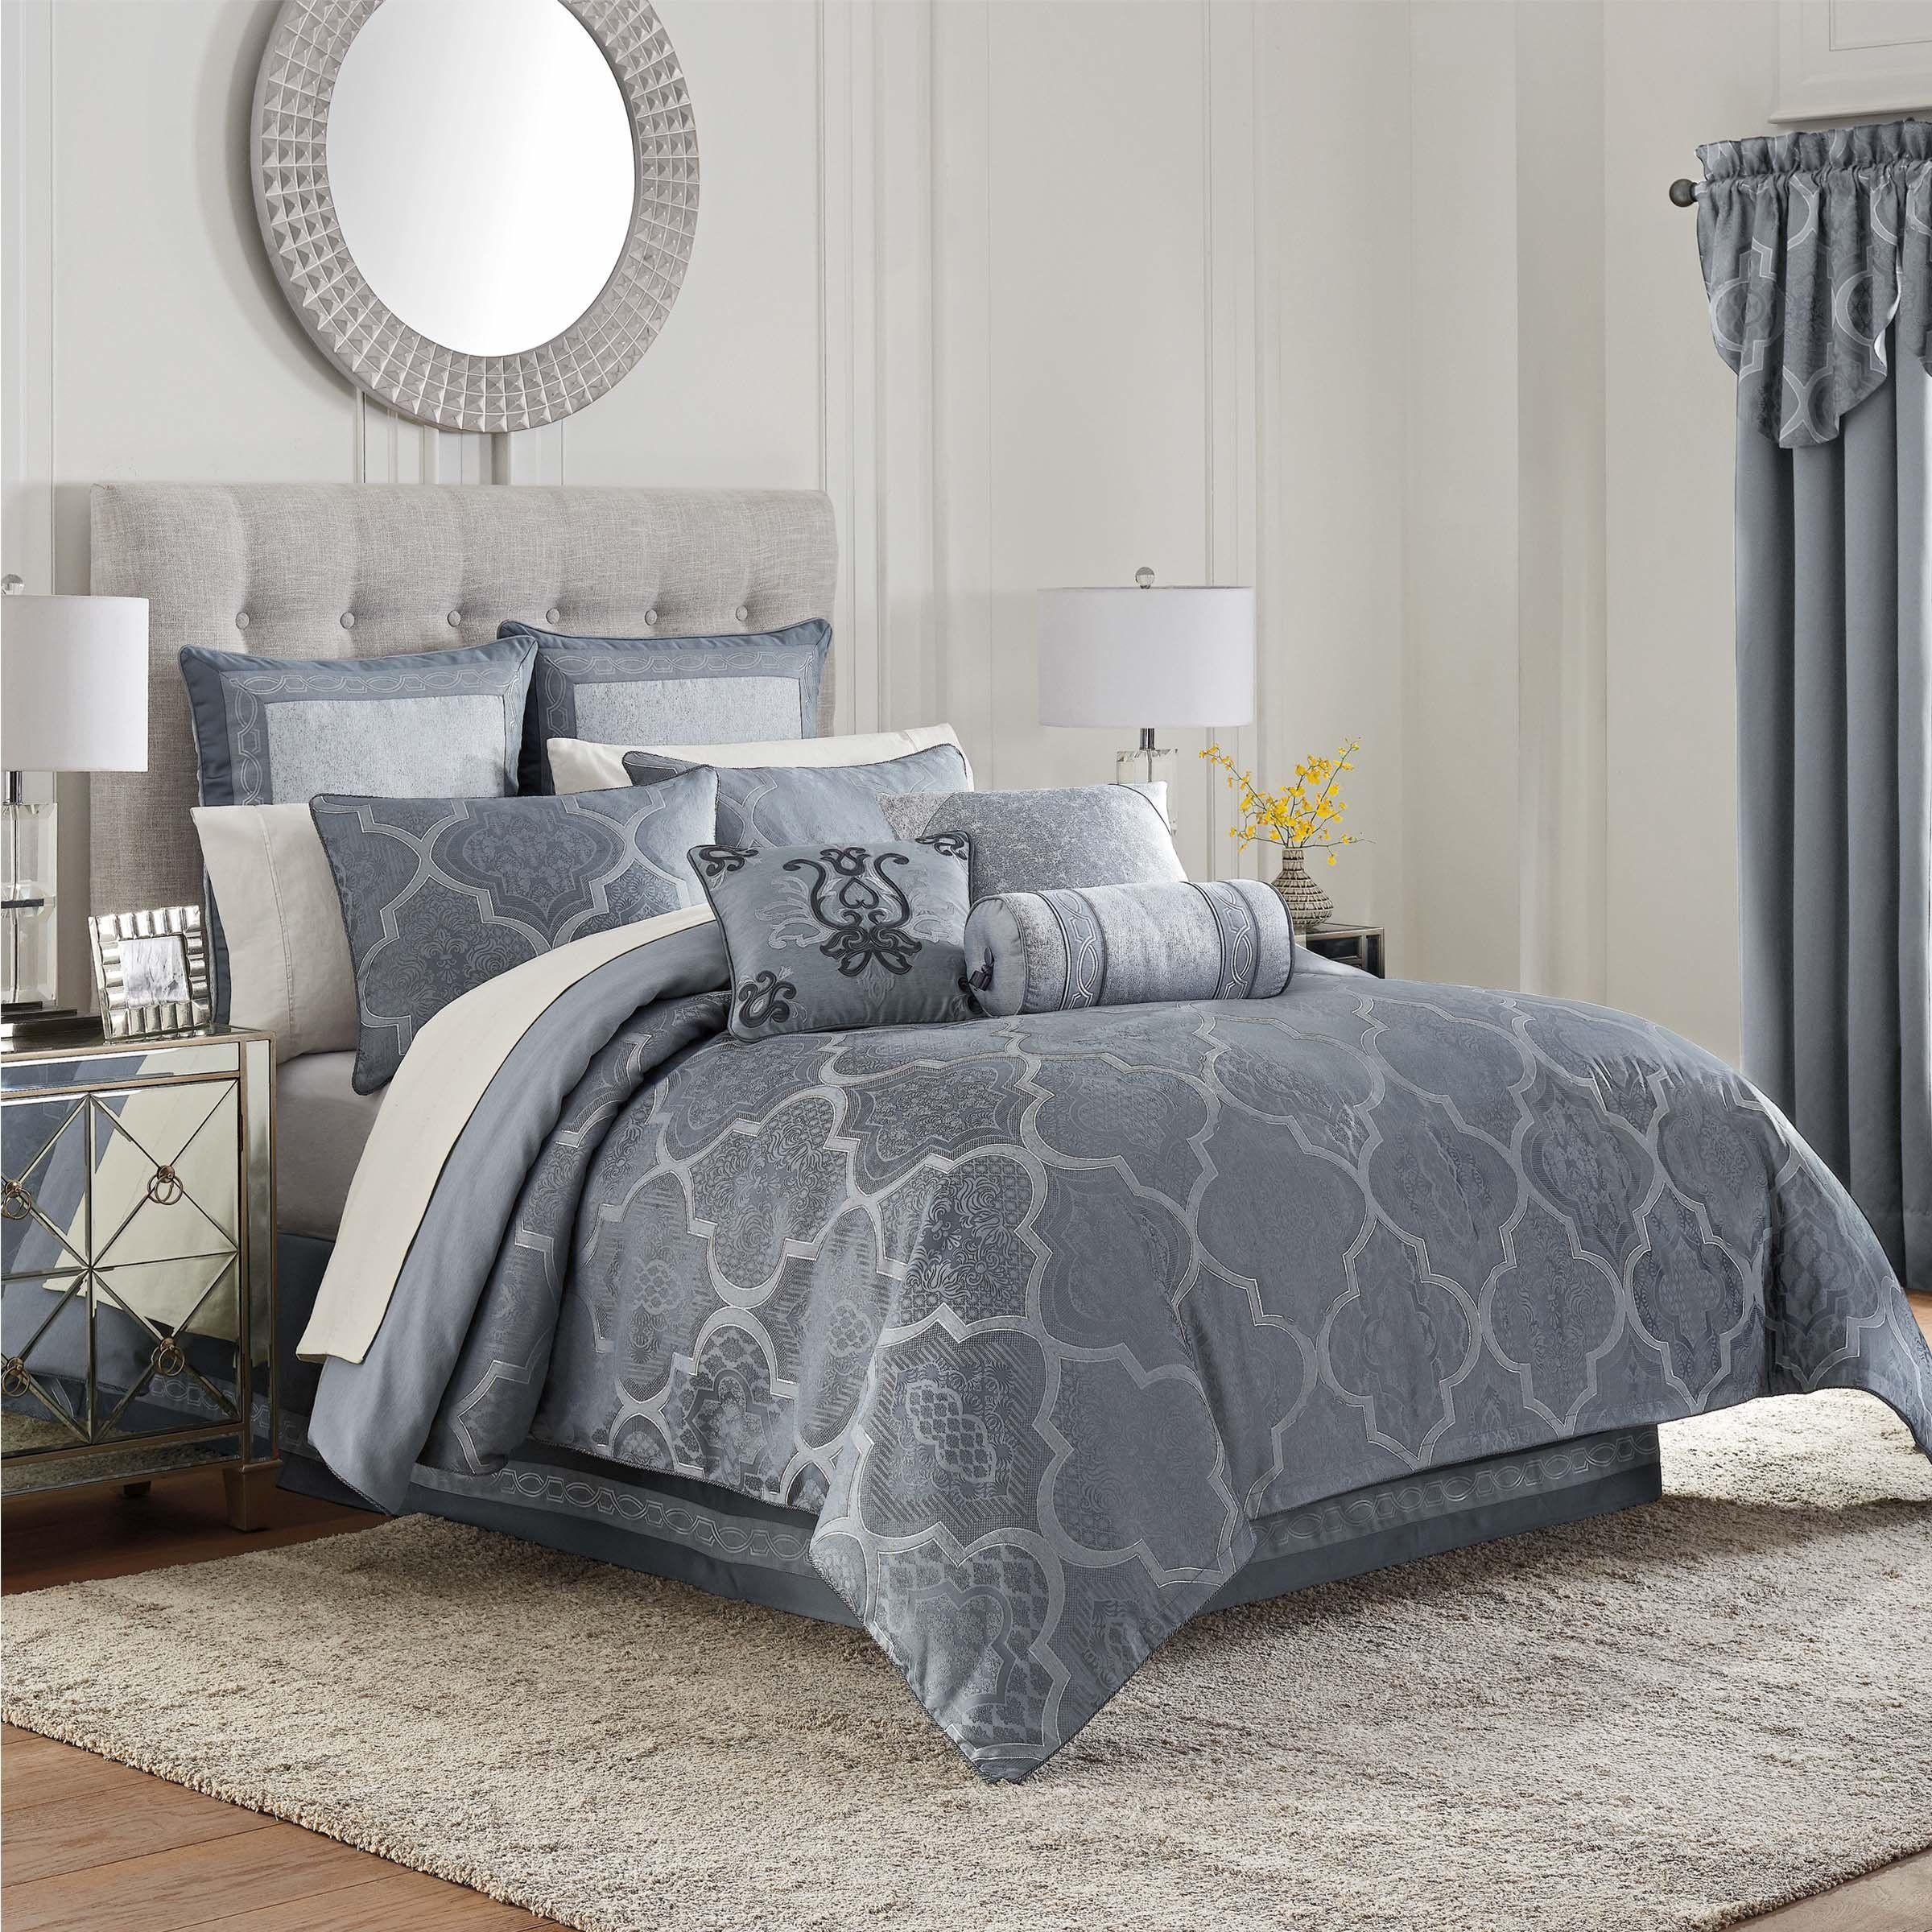 Trento Blue 4 Piece Reversible Comforter Set In 2020 Comforter Sets Luxury Comforter Sets Waterford Bedding